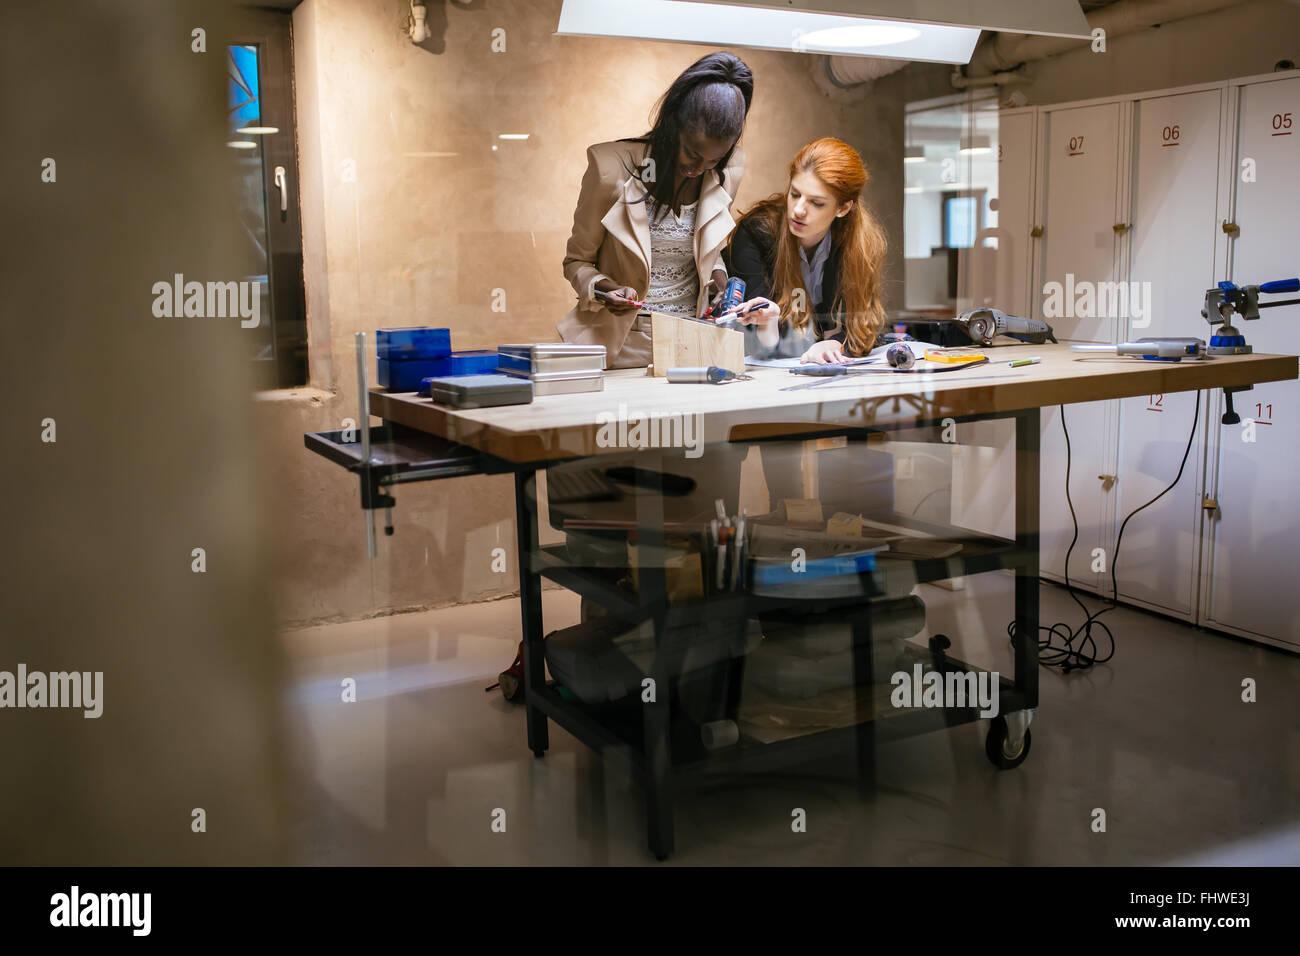 Les personnes qui travaillent dans l'atelier belle moderne avec du matériel professionnel à portée Photo Stock